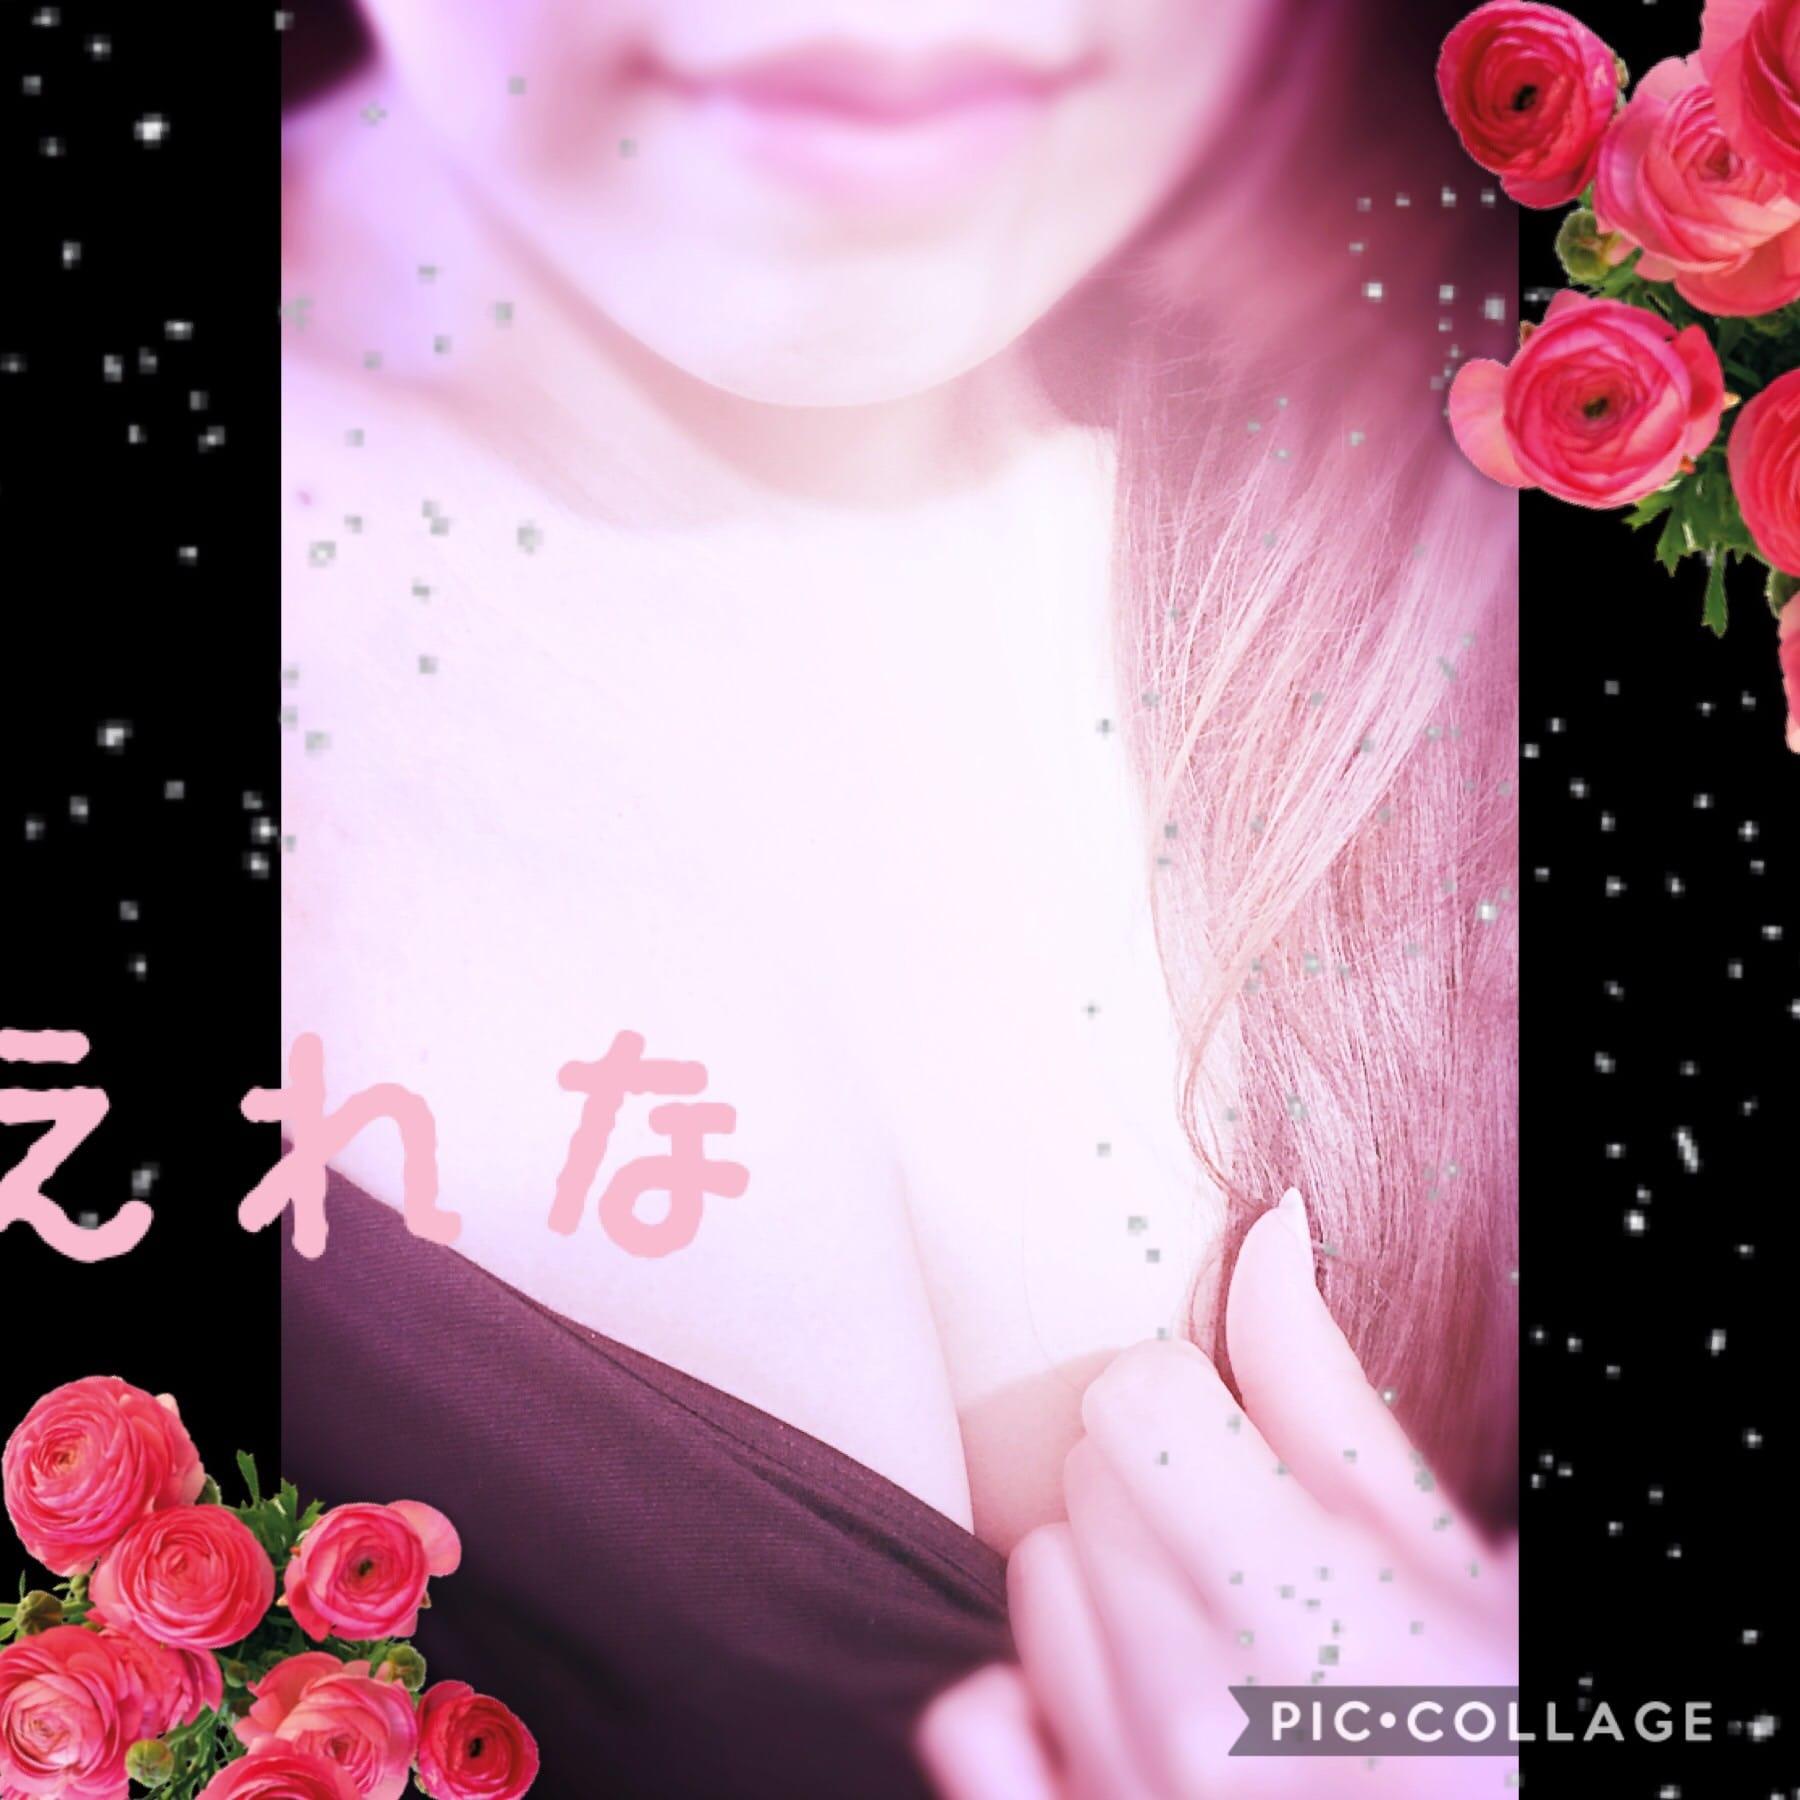 「H様  お礼?」05/04(05/04) 06:32   絵怜奈 えれなの写メ・風俗動画